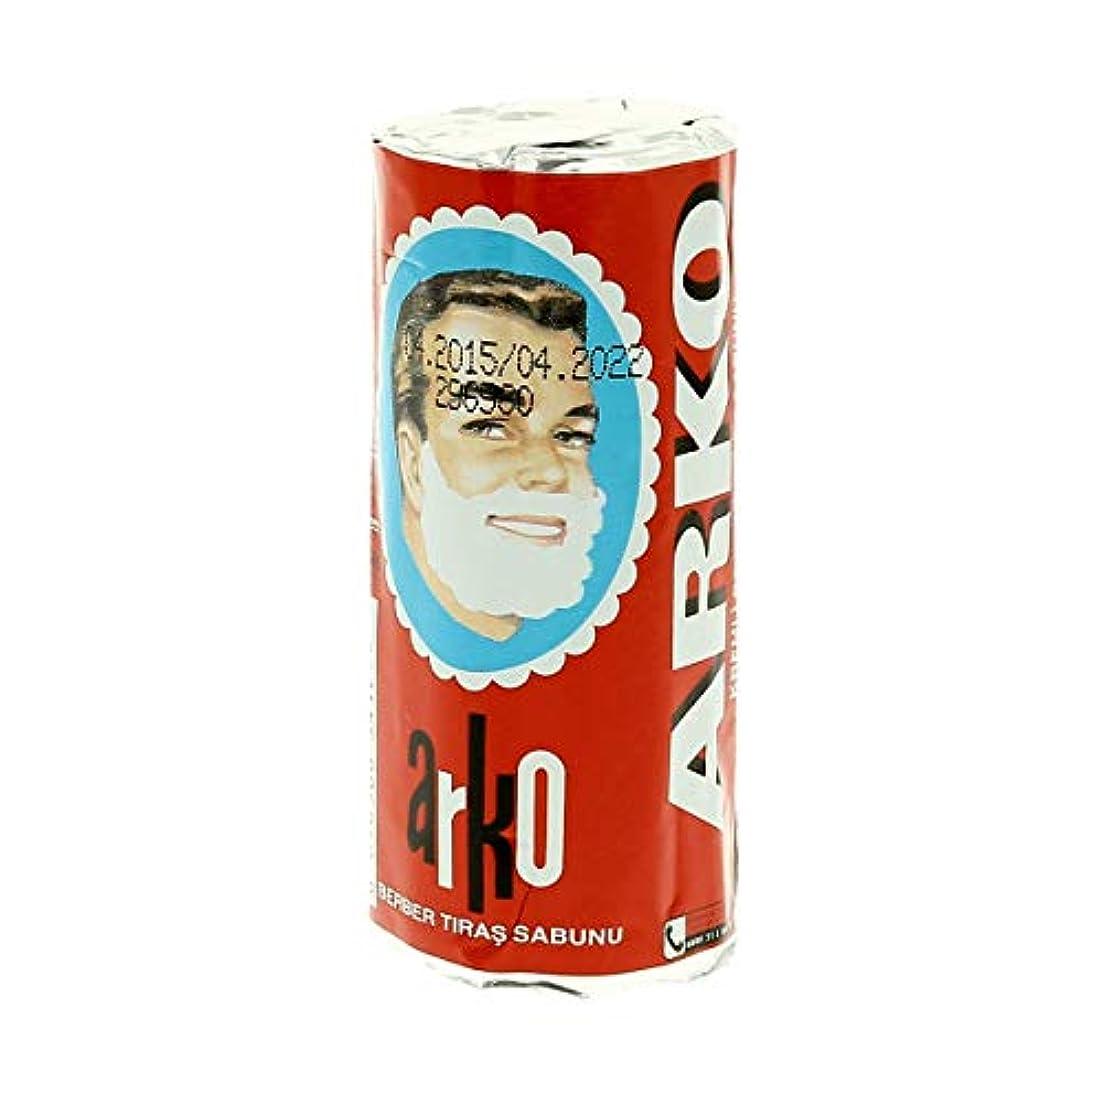 お祝いガソリンファンネルウェブスパイダーArko アルコ シェービングクリームソープスティック75g[海外直送品]Arko Shaving Cream Soap Stick 75g [並行輸入品]